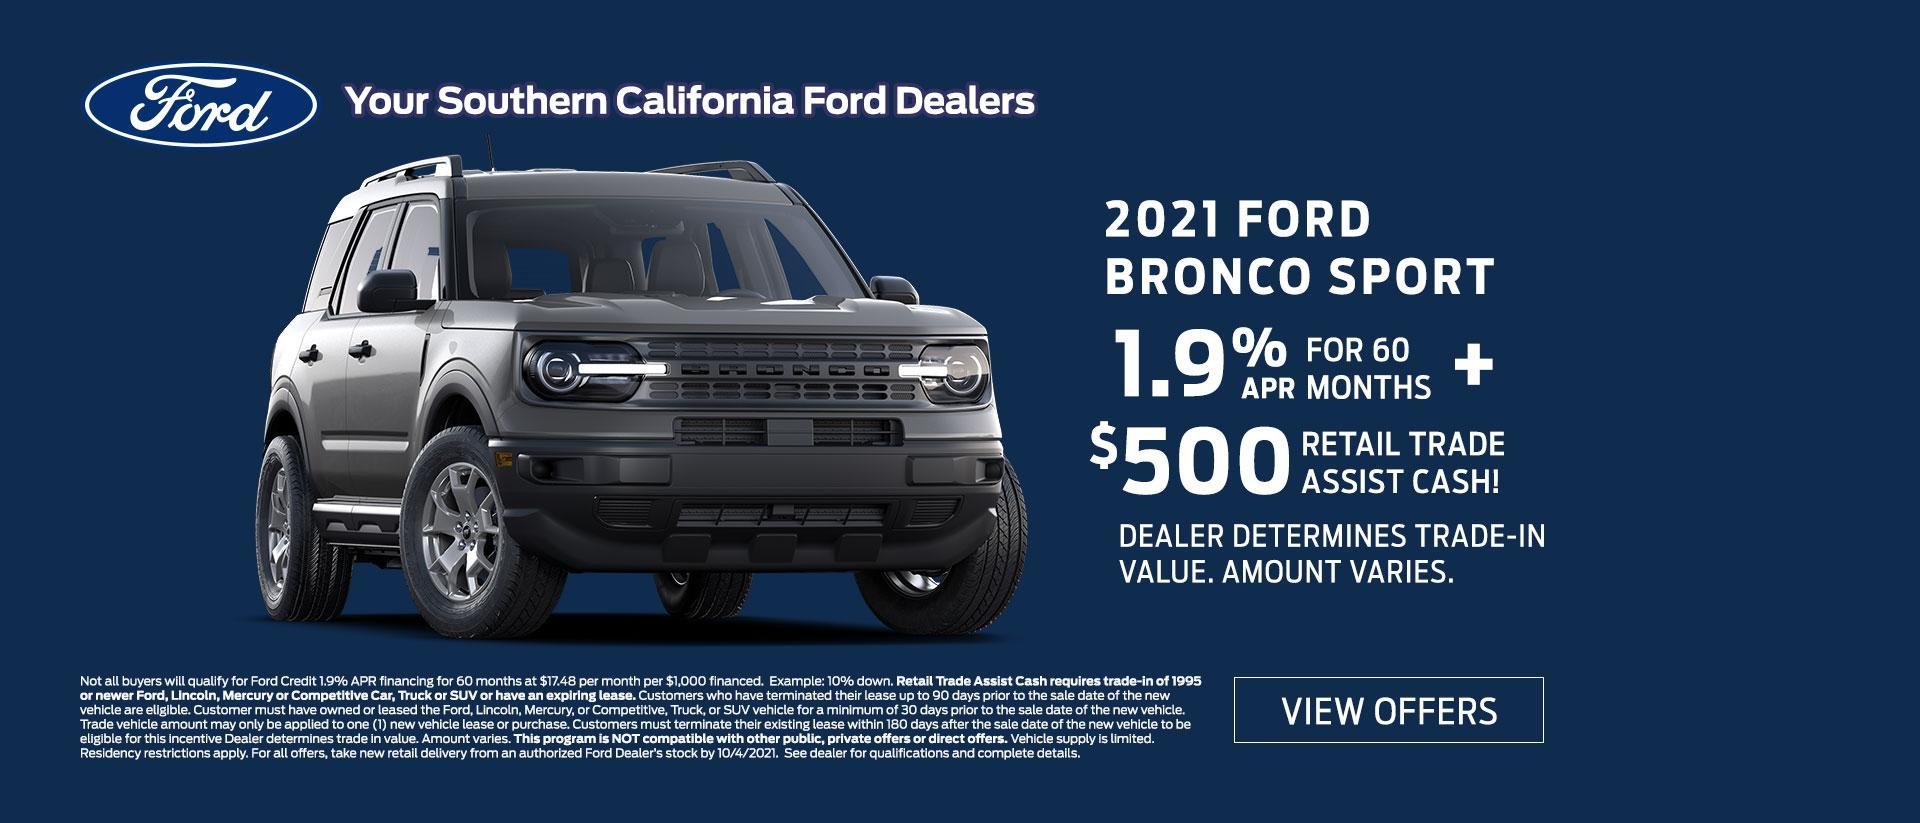 Bronco Specials